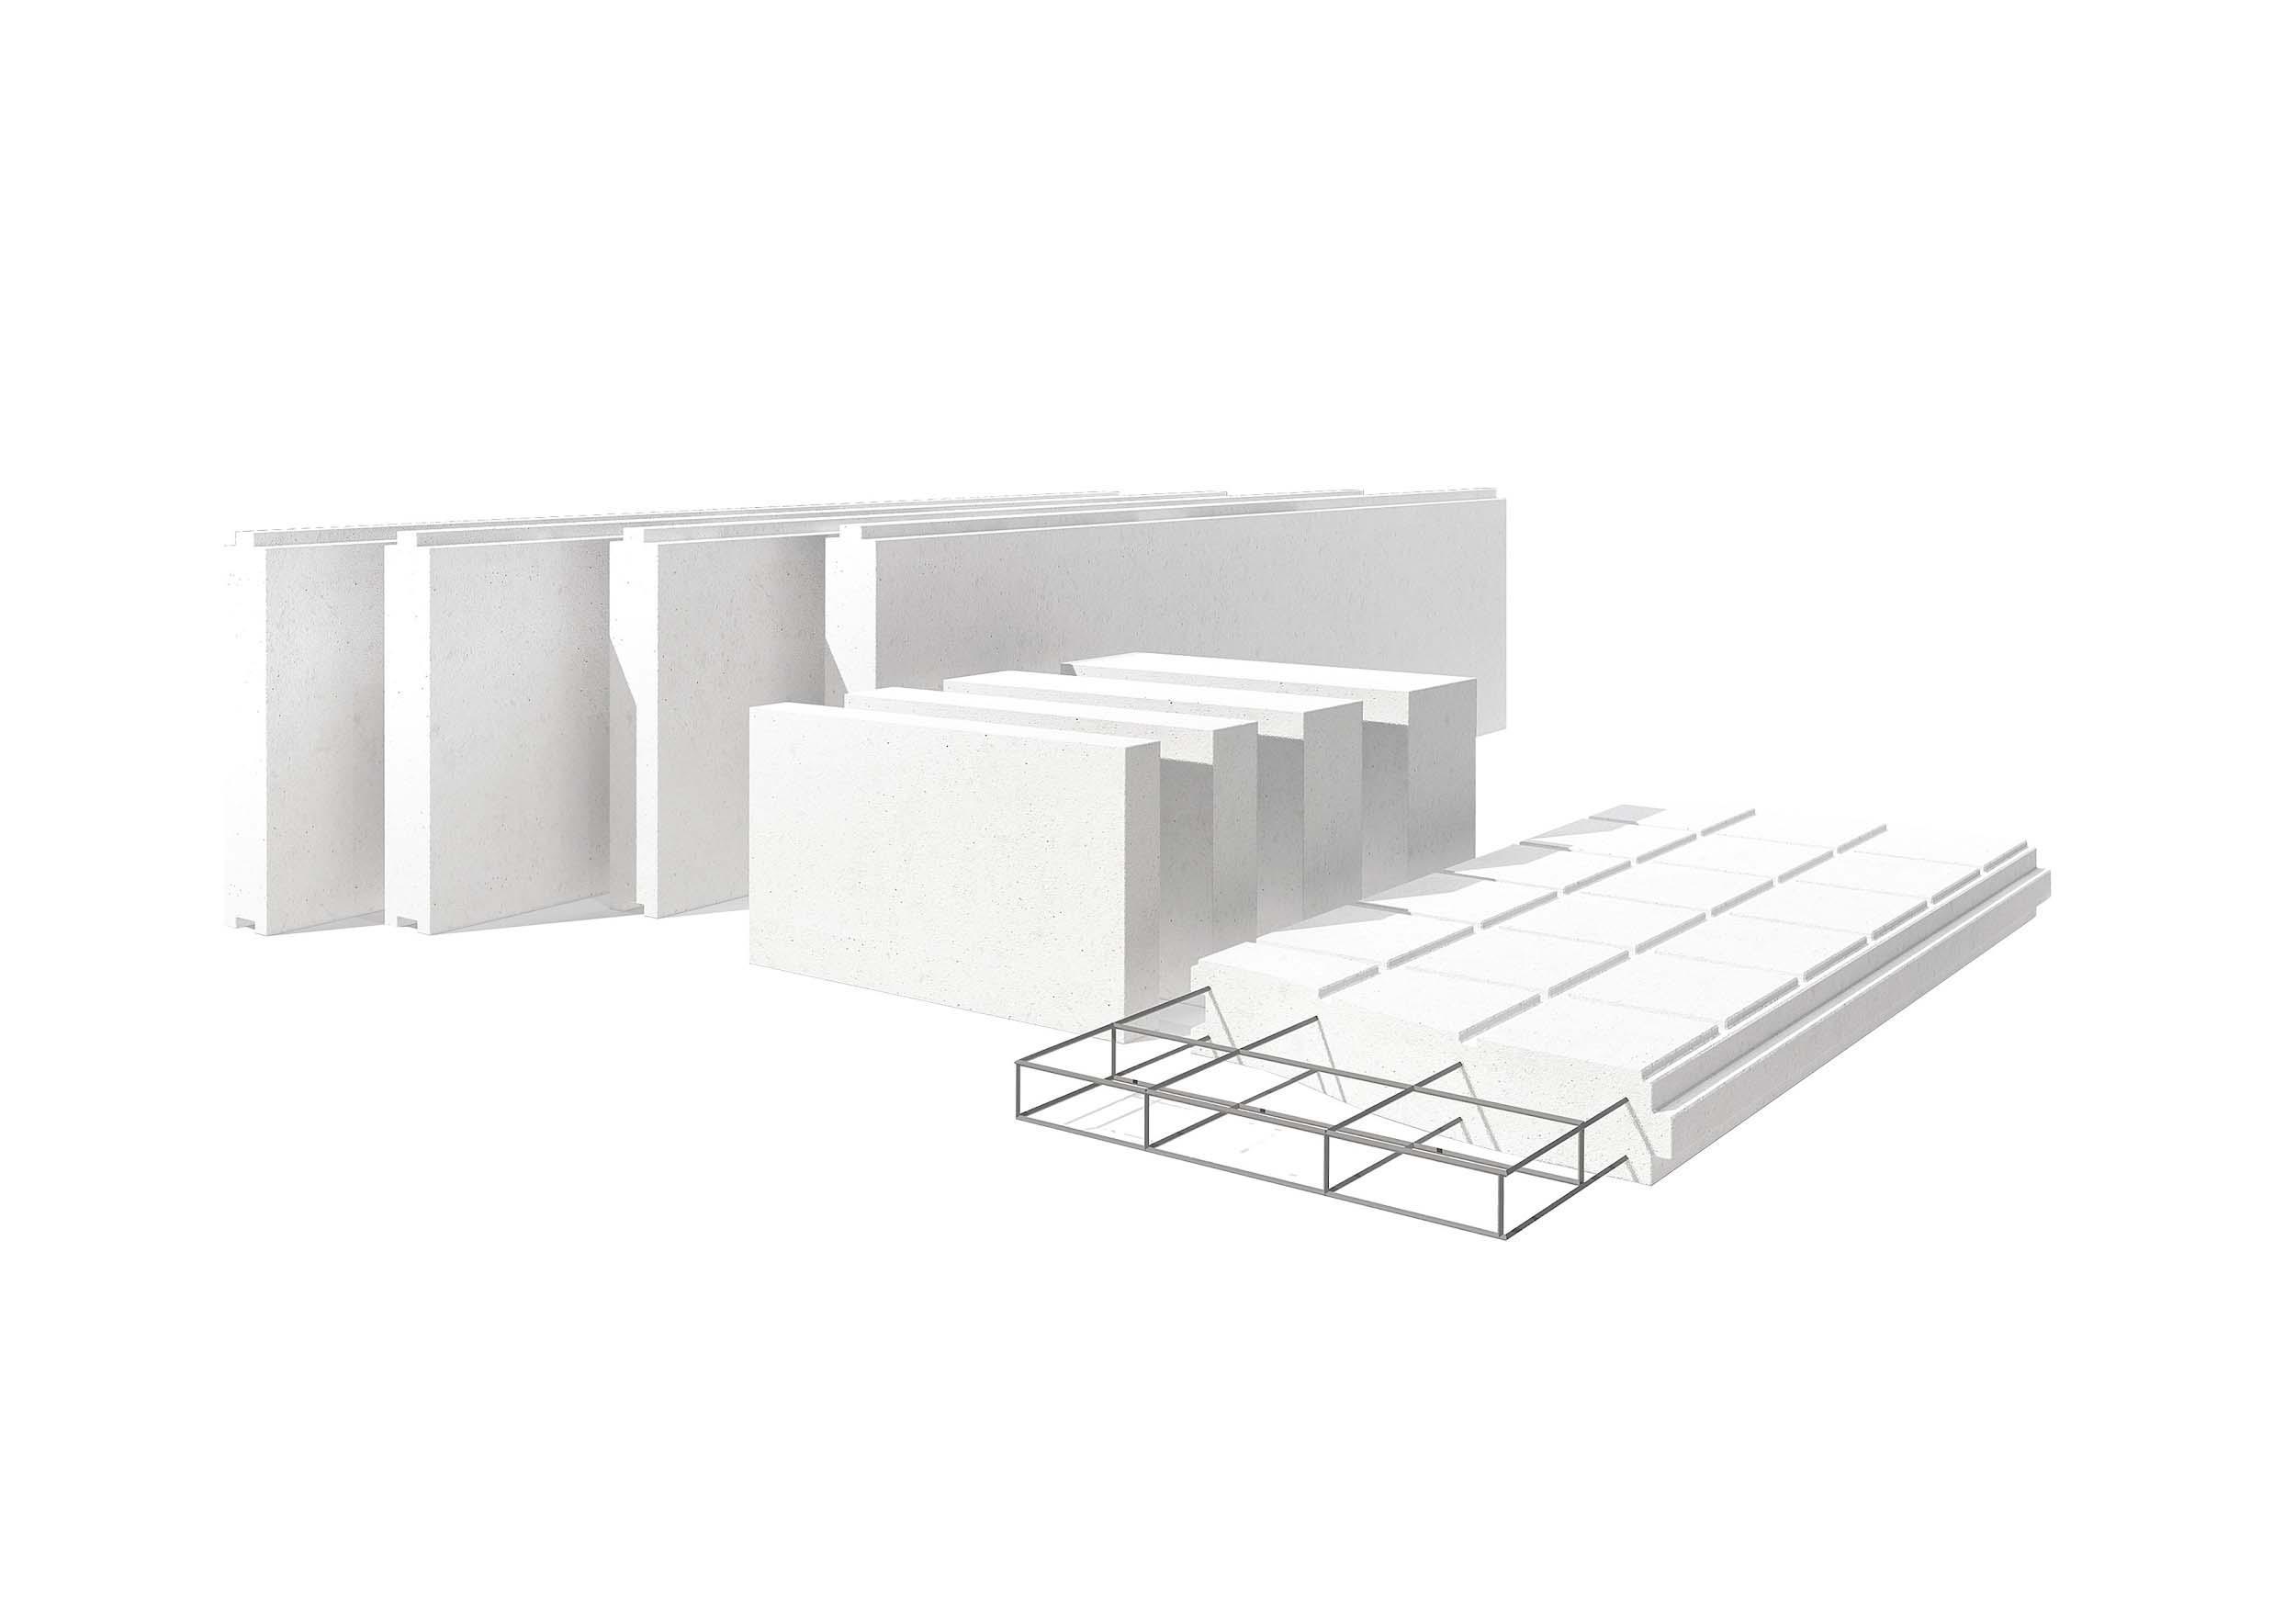 Tấm tường Panel BTK chưng áp ALC ngàm T lưới thép đơn chuẩn chất lượng.